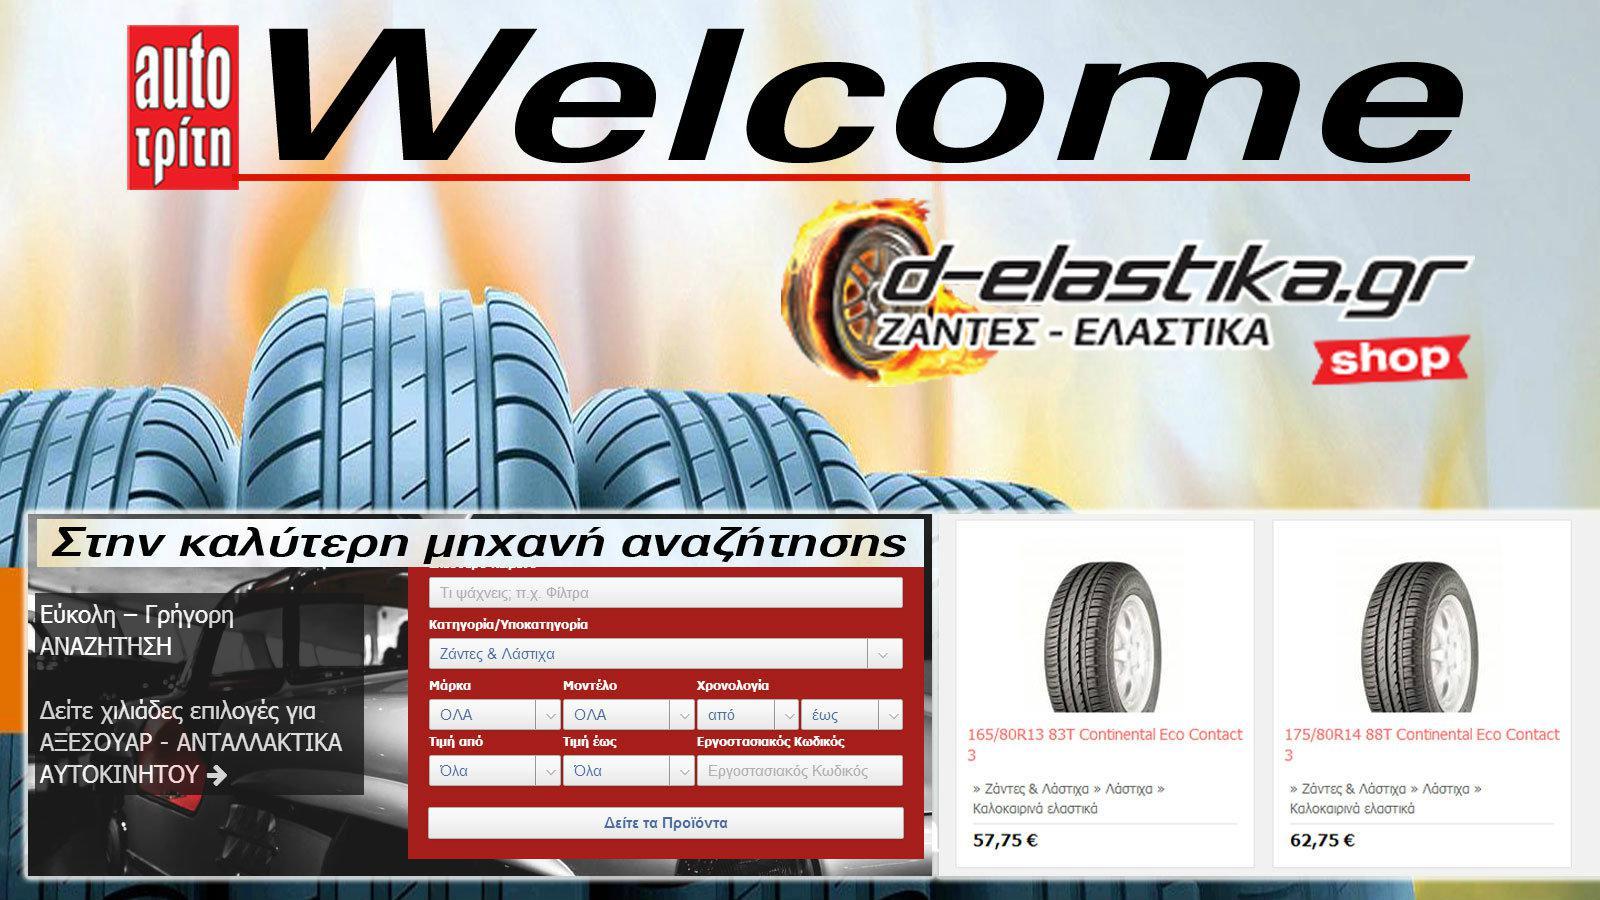 cd672f58a4e Welcome D-elastikashop.gr !